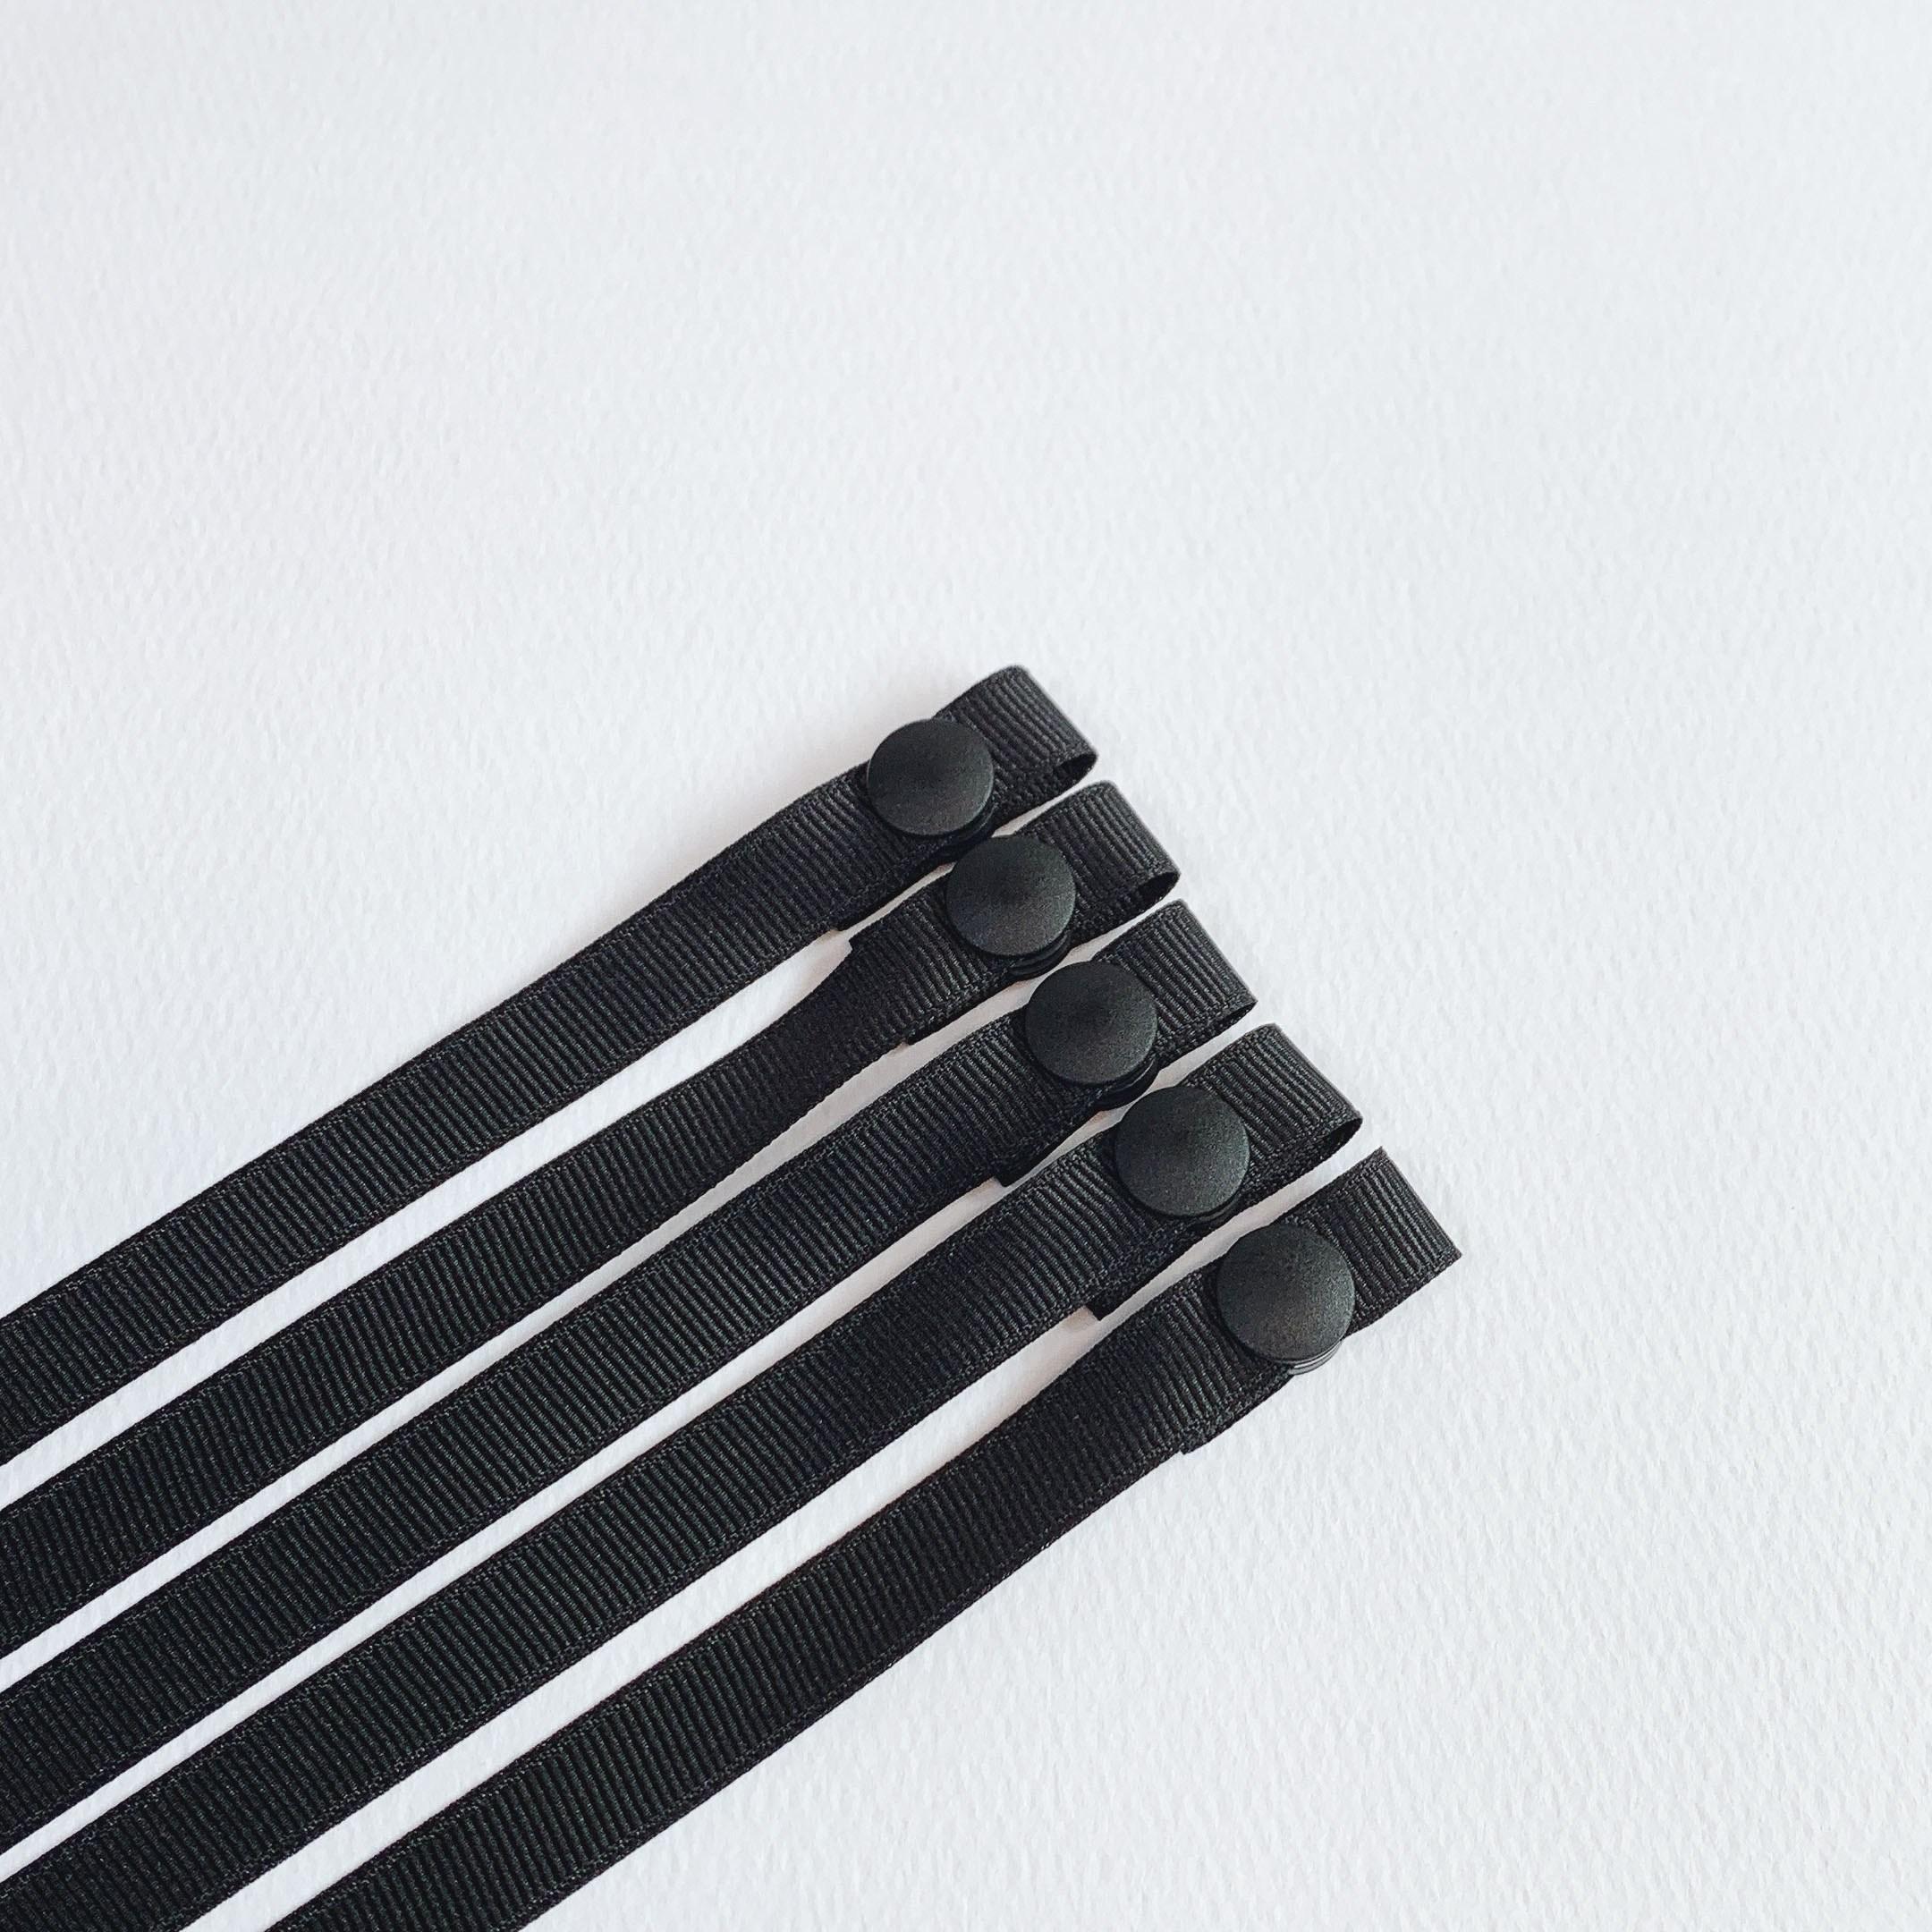 쏘엘 남녀공용 마스크 스트랩 블랙에디션 5P세트